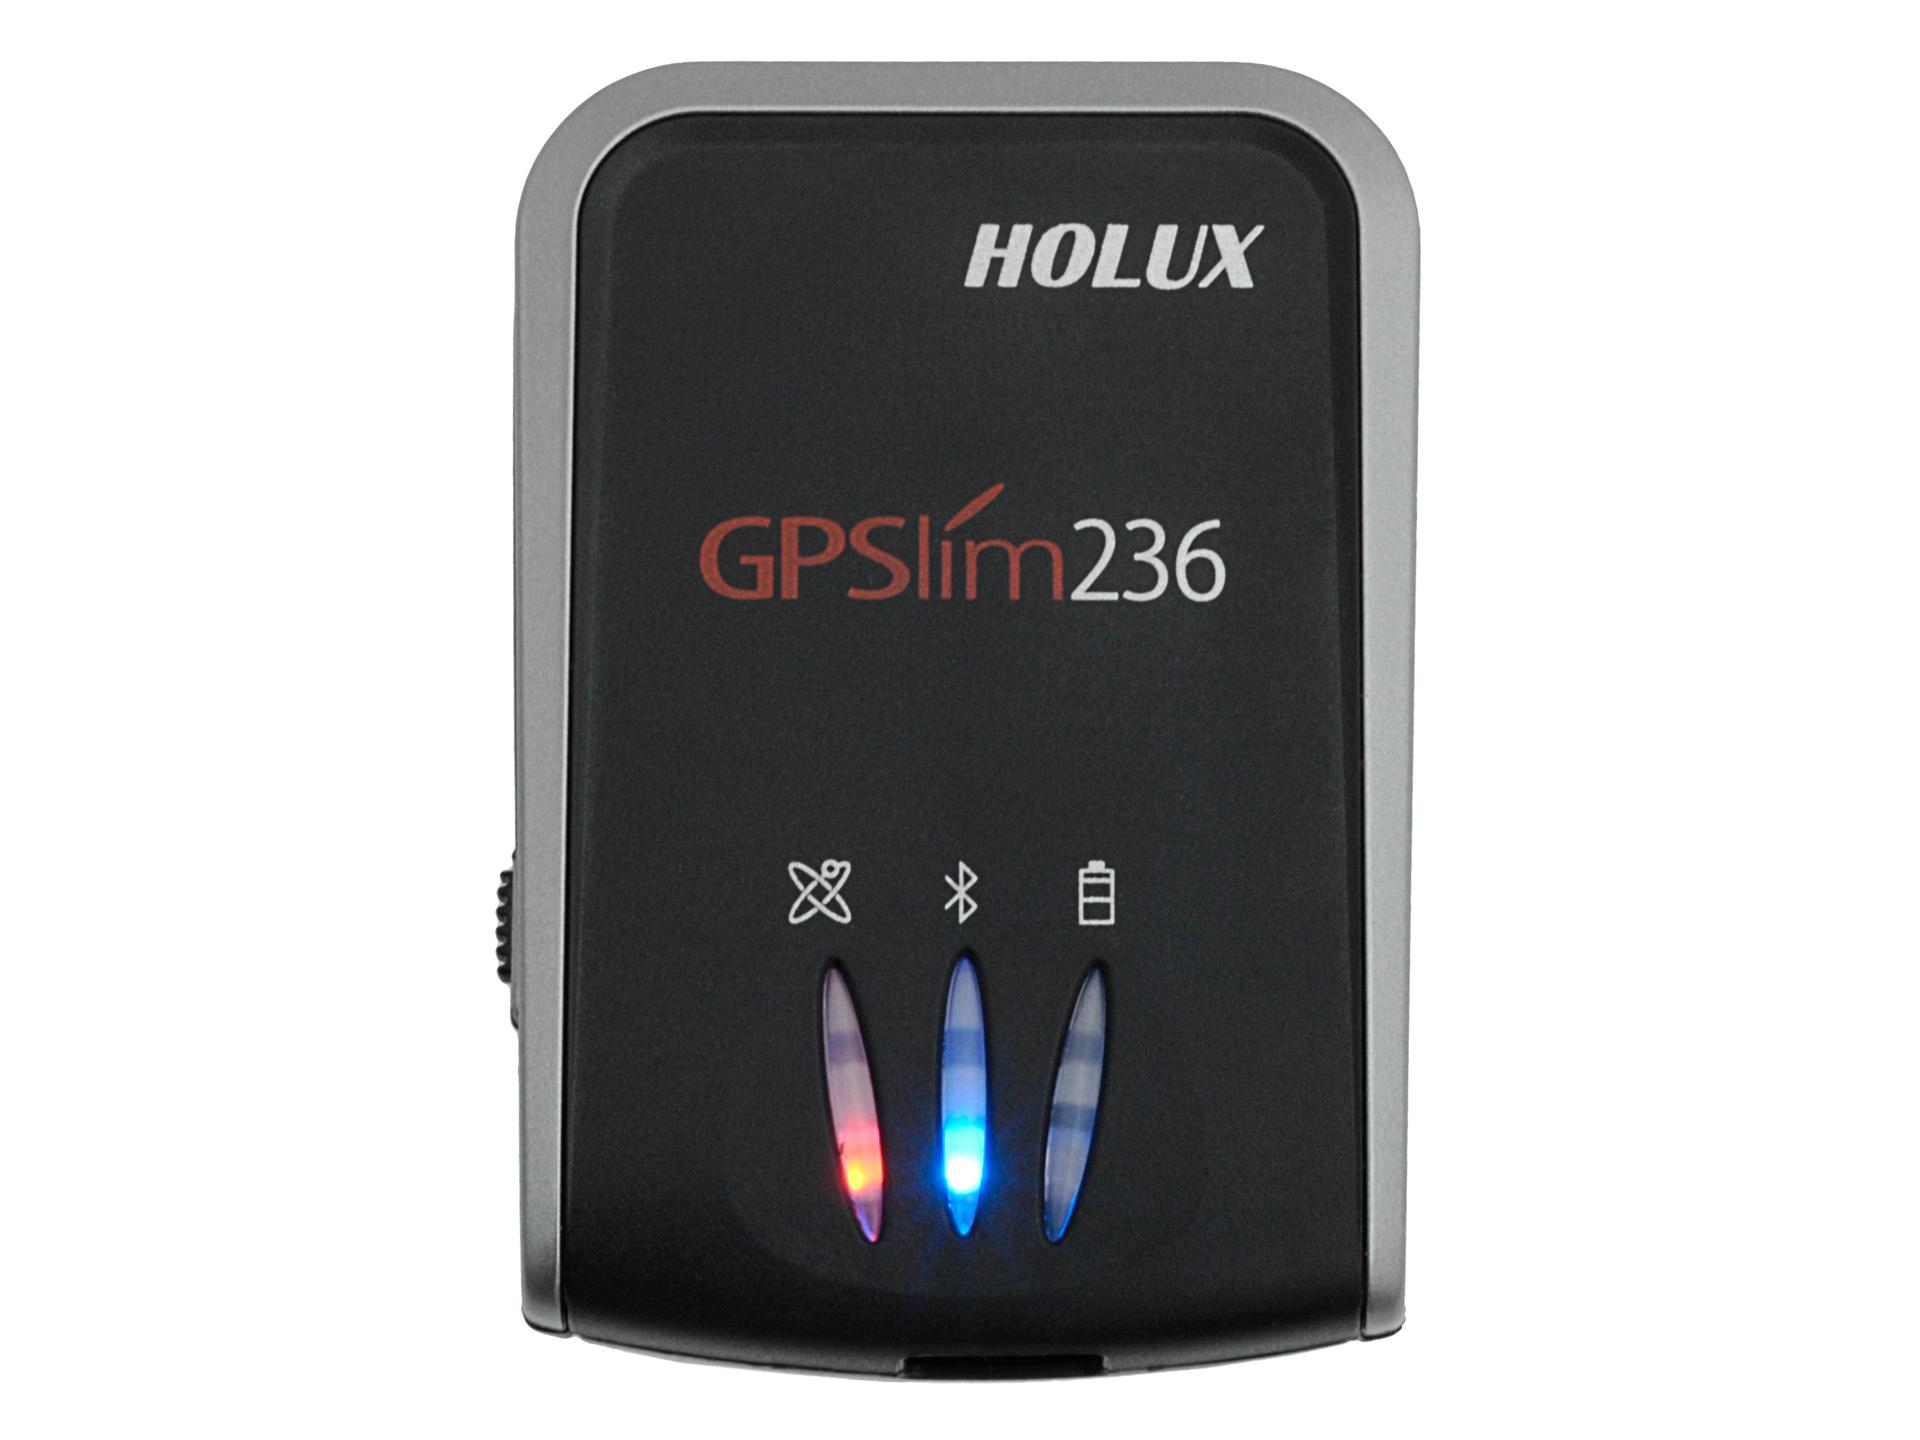 Holux GR-236 / GPSlim 236 - LED Anzeige